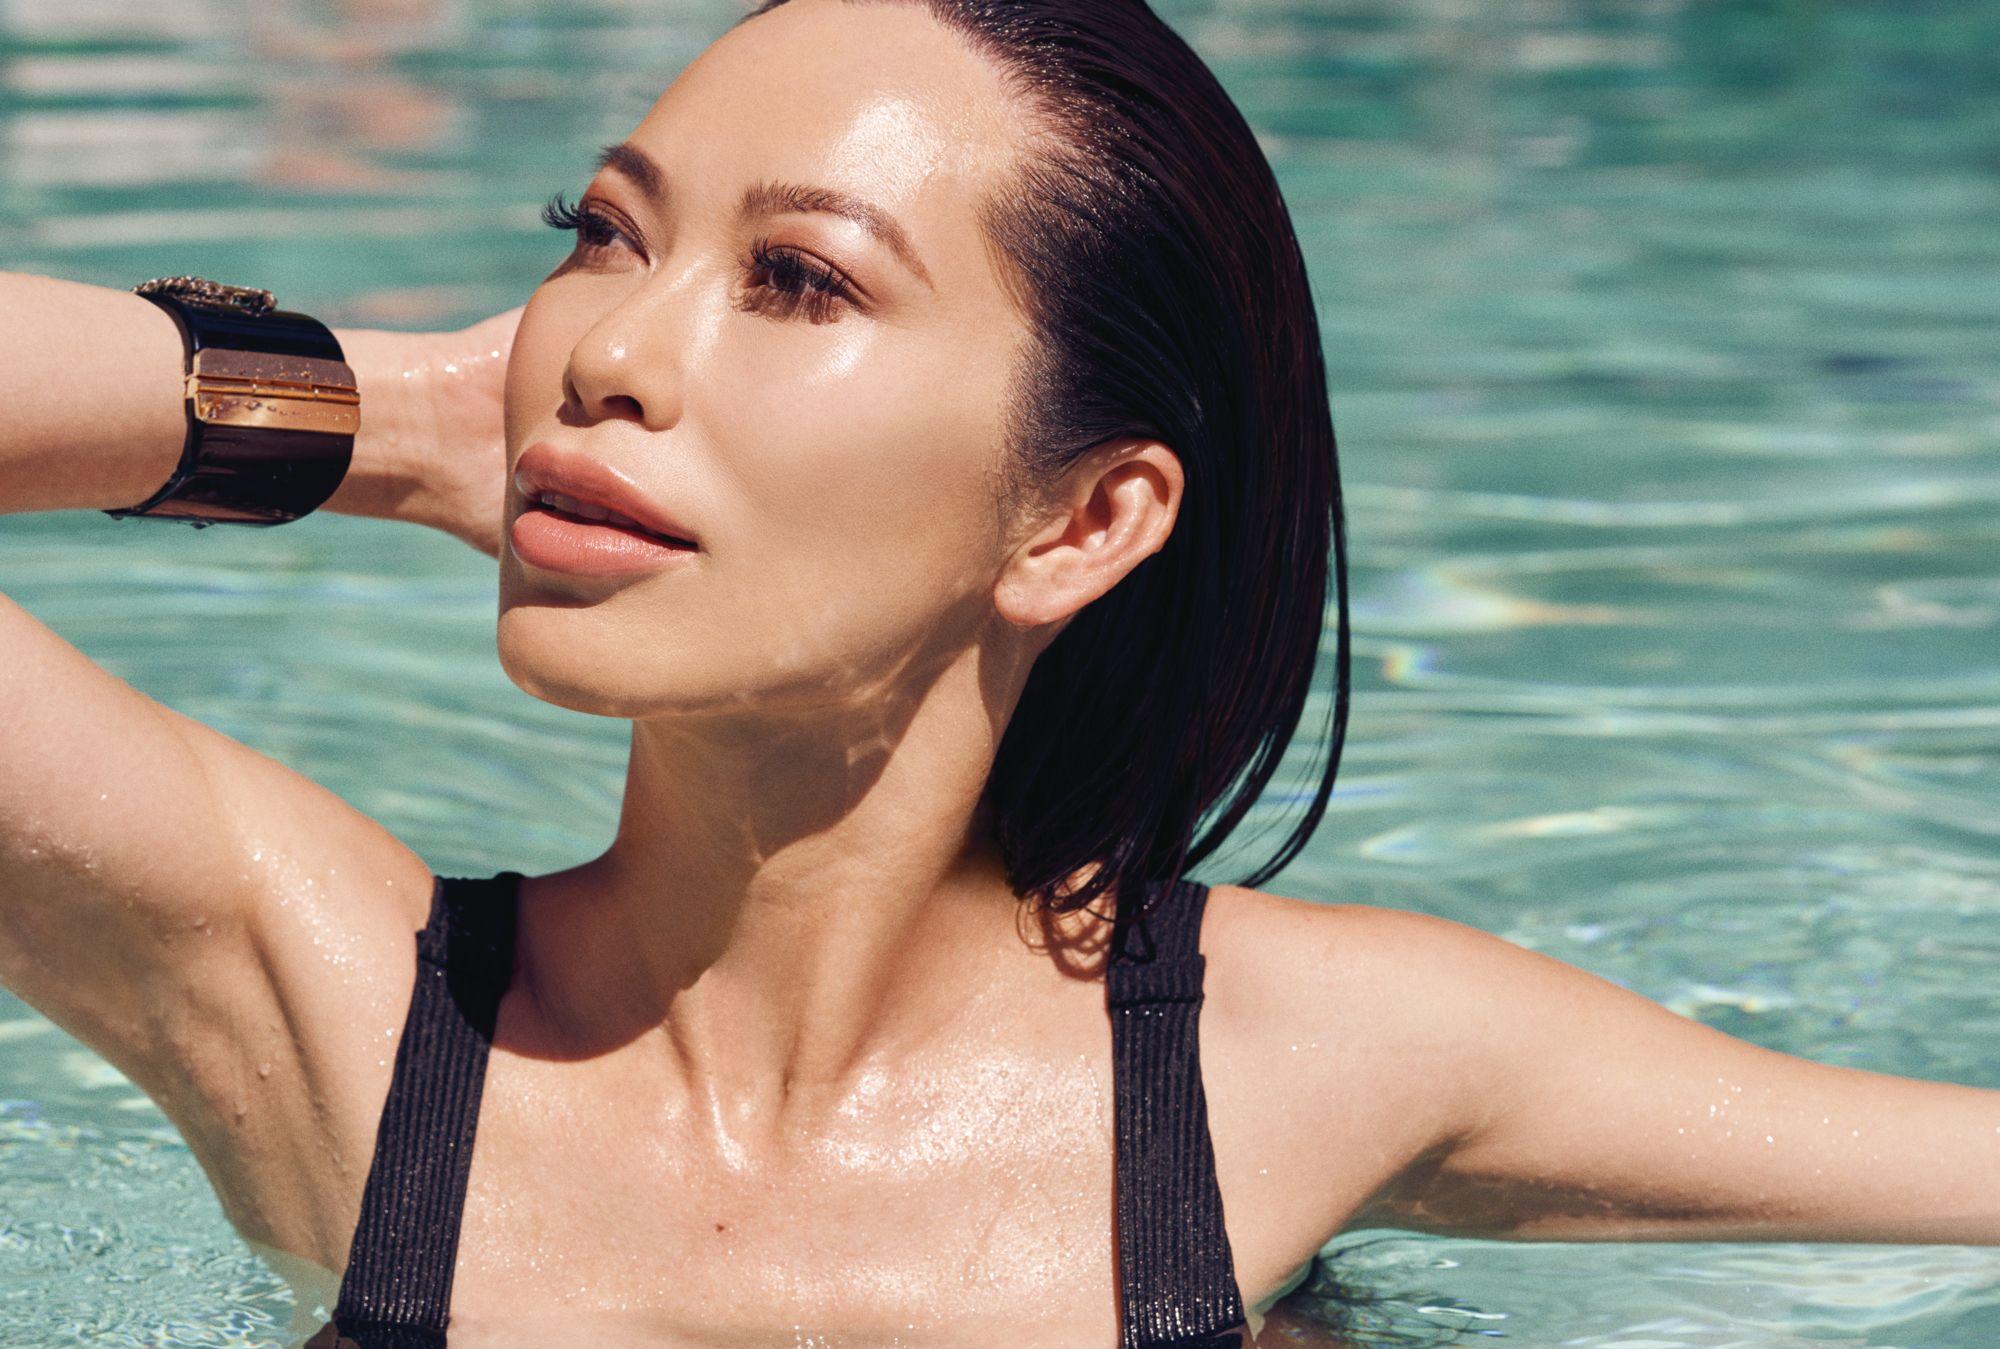 如何擁有最棒夏天?《璀璨帝國》Christine Chiu 分享 6 個夏日秘訣!